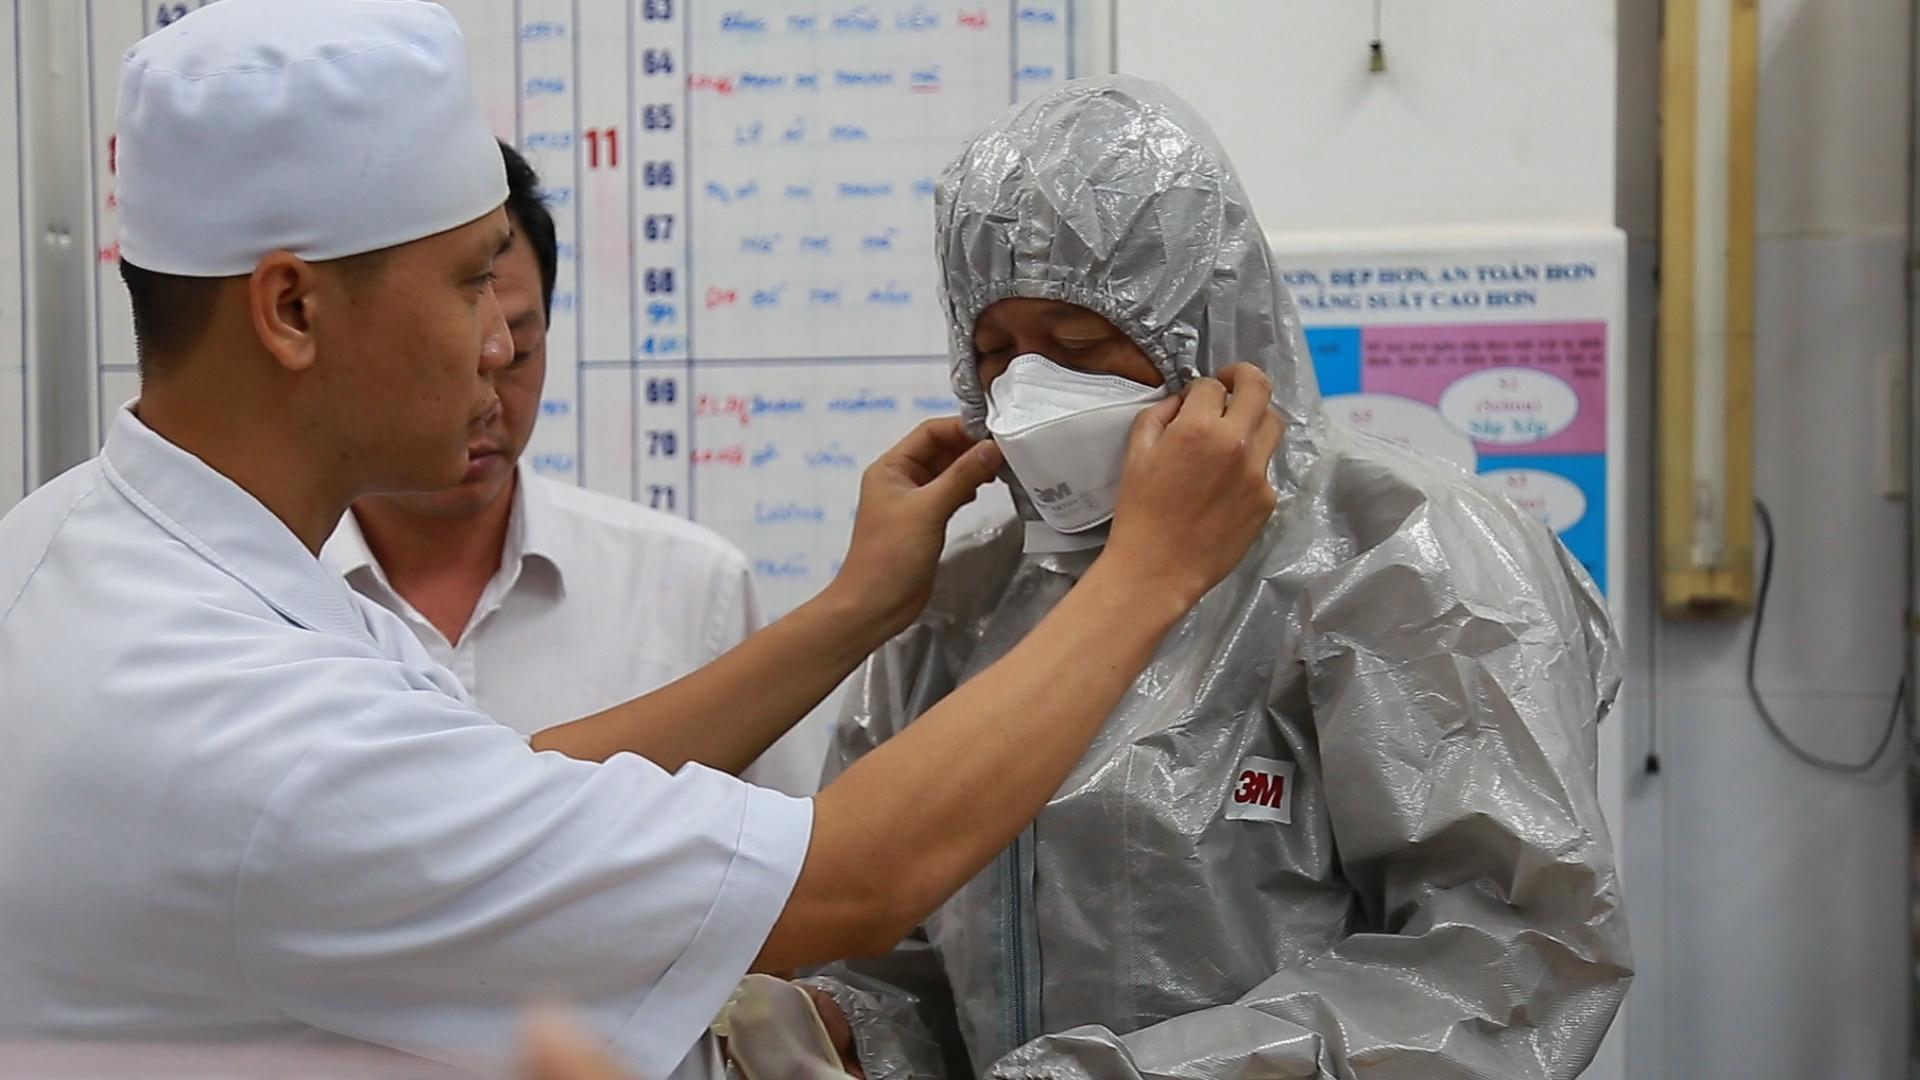 Bộ Y tế khẳng định Việt Nam không giấu thông tin dịch bệnh Covid-19. (Ảnh qua Zing)